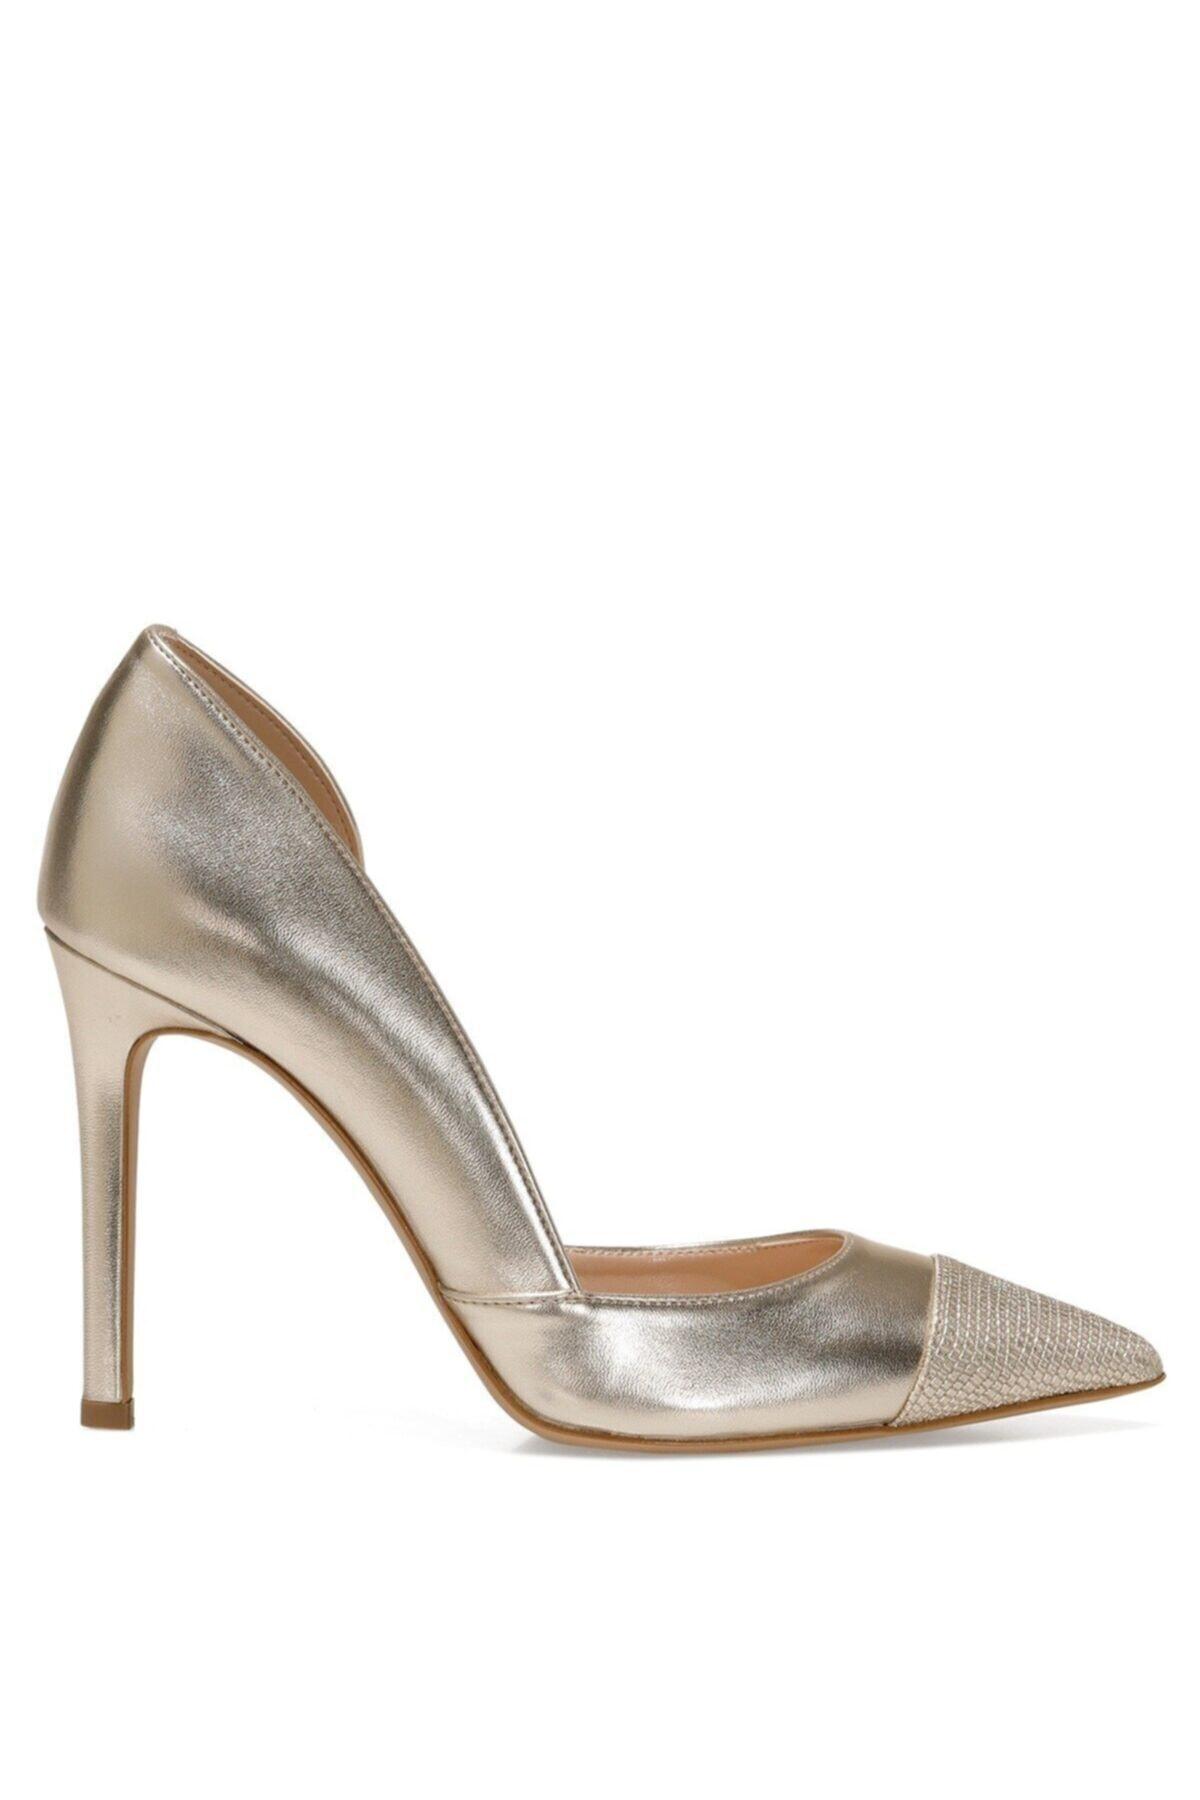 MERNANI 1FX Altın Kadın Gova Ayakkabı 101012991